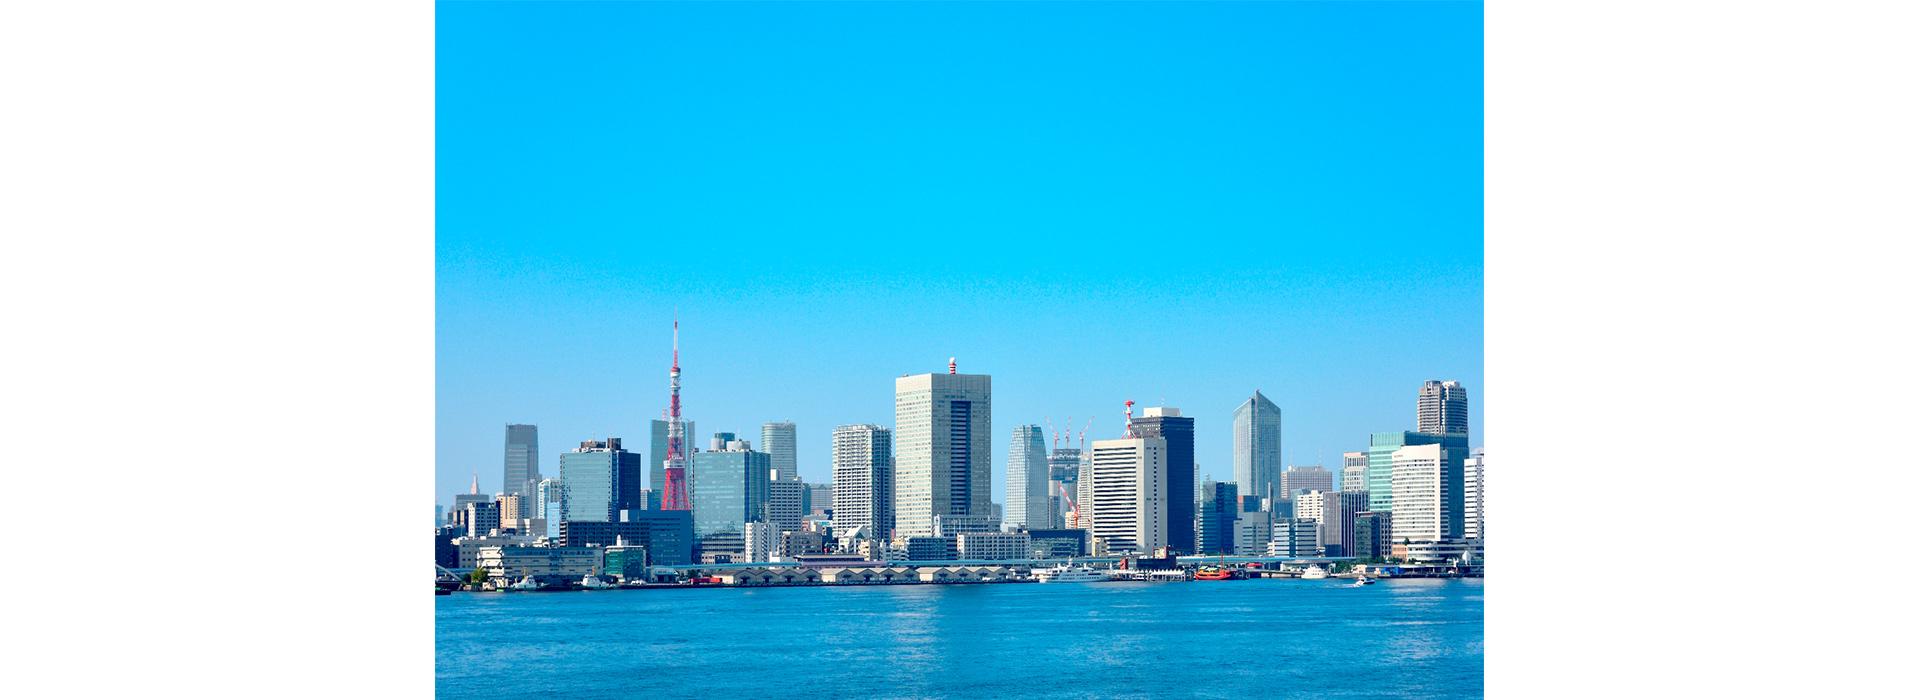 日本經濟持續升溫 不動產市場發展看好